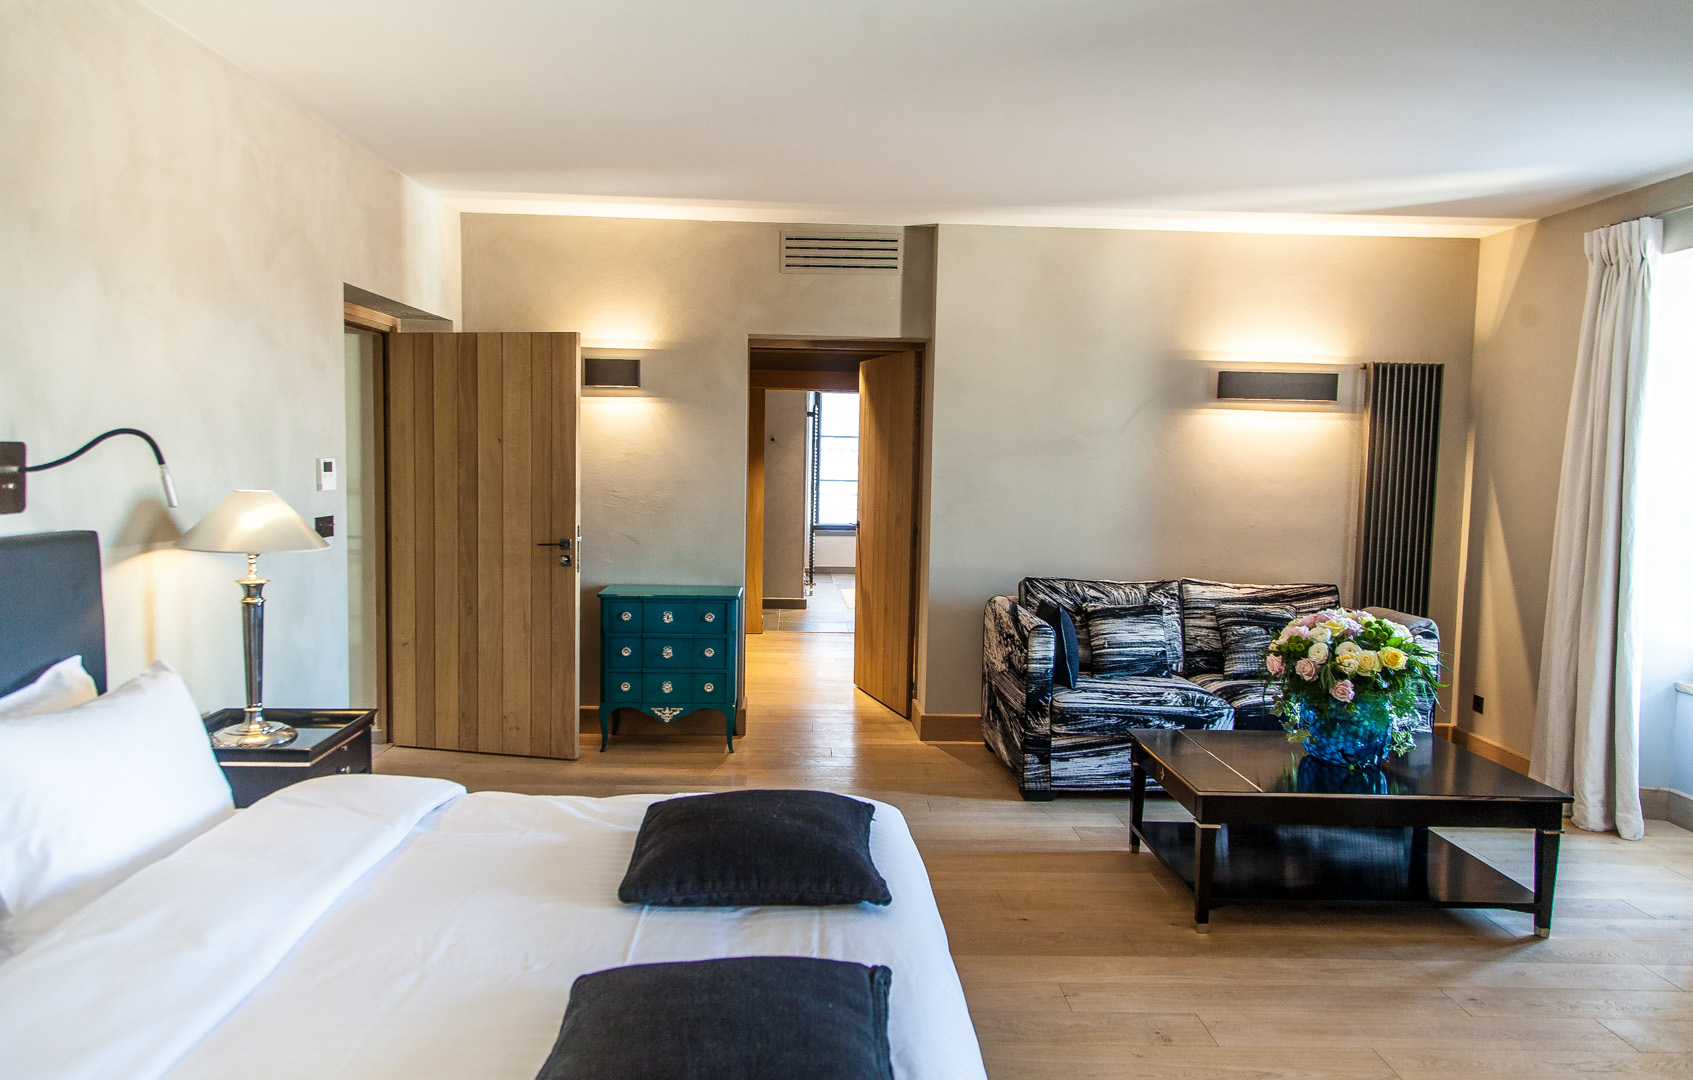 picholine chambre de caract re spacieuse et d cor e avec grand soin. Black Bedroom Furniture Sets. Home Design Ideas